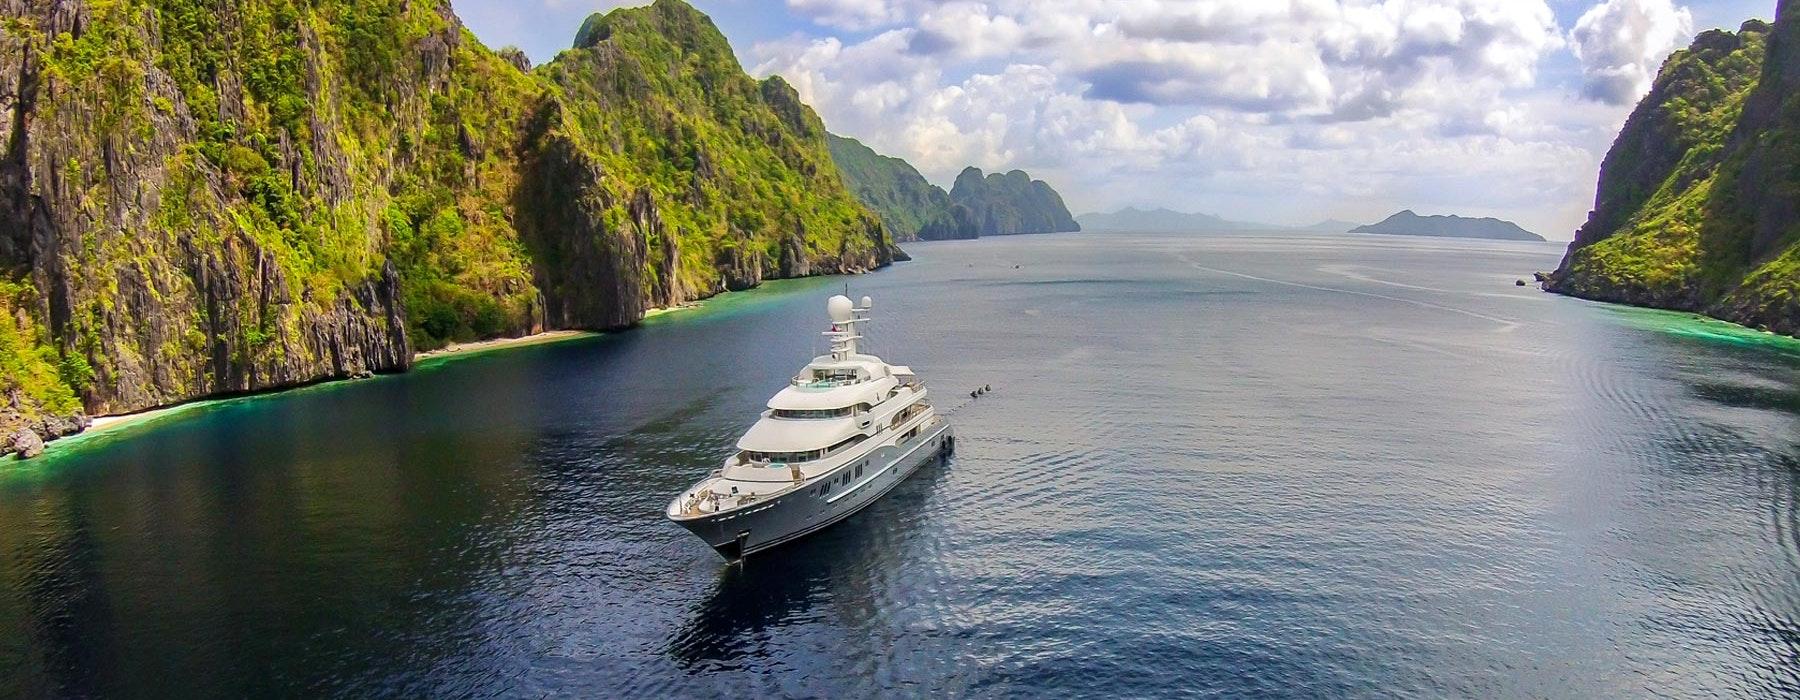 Lurssen Luxury Yacht TV Sales Update